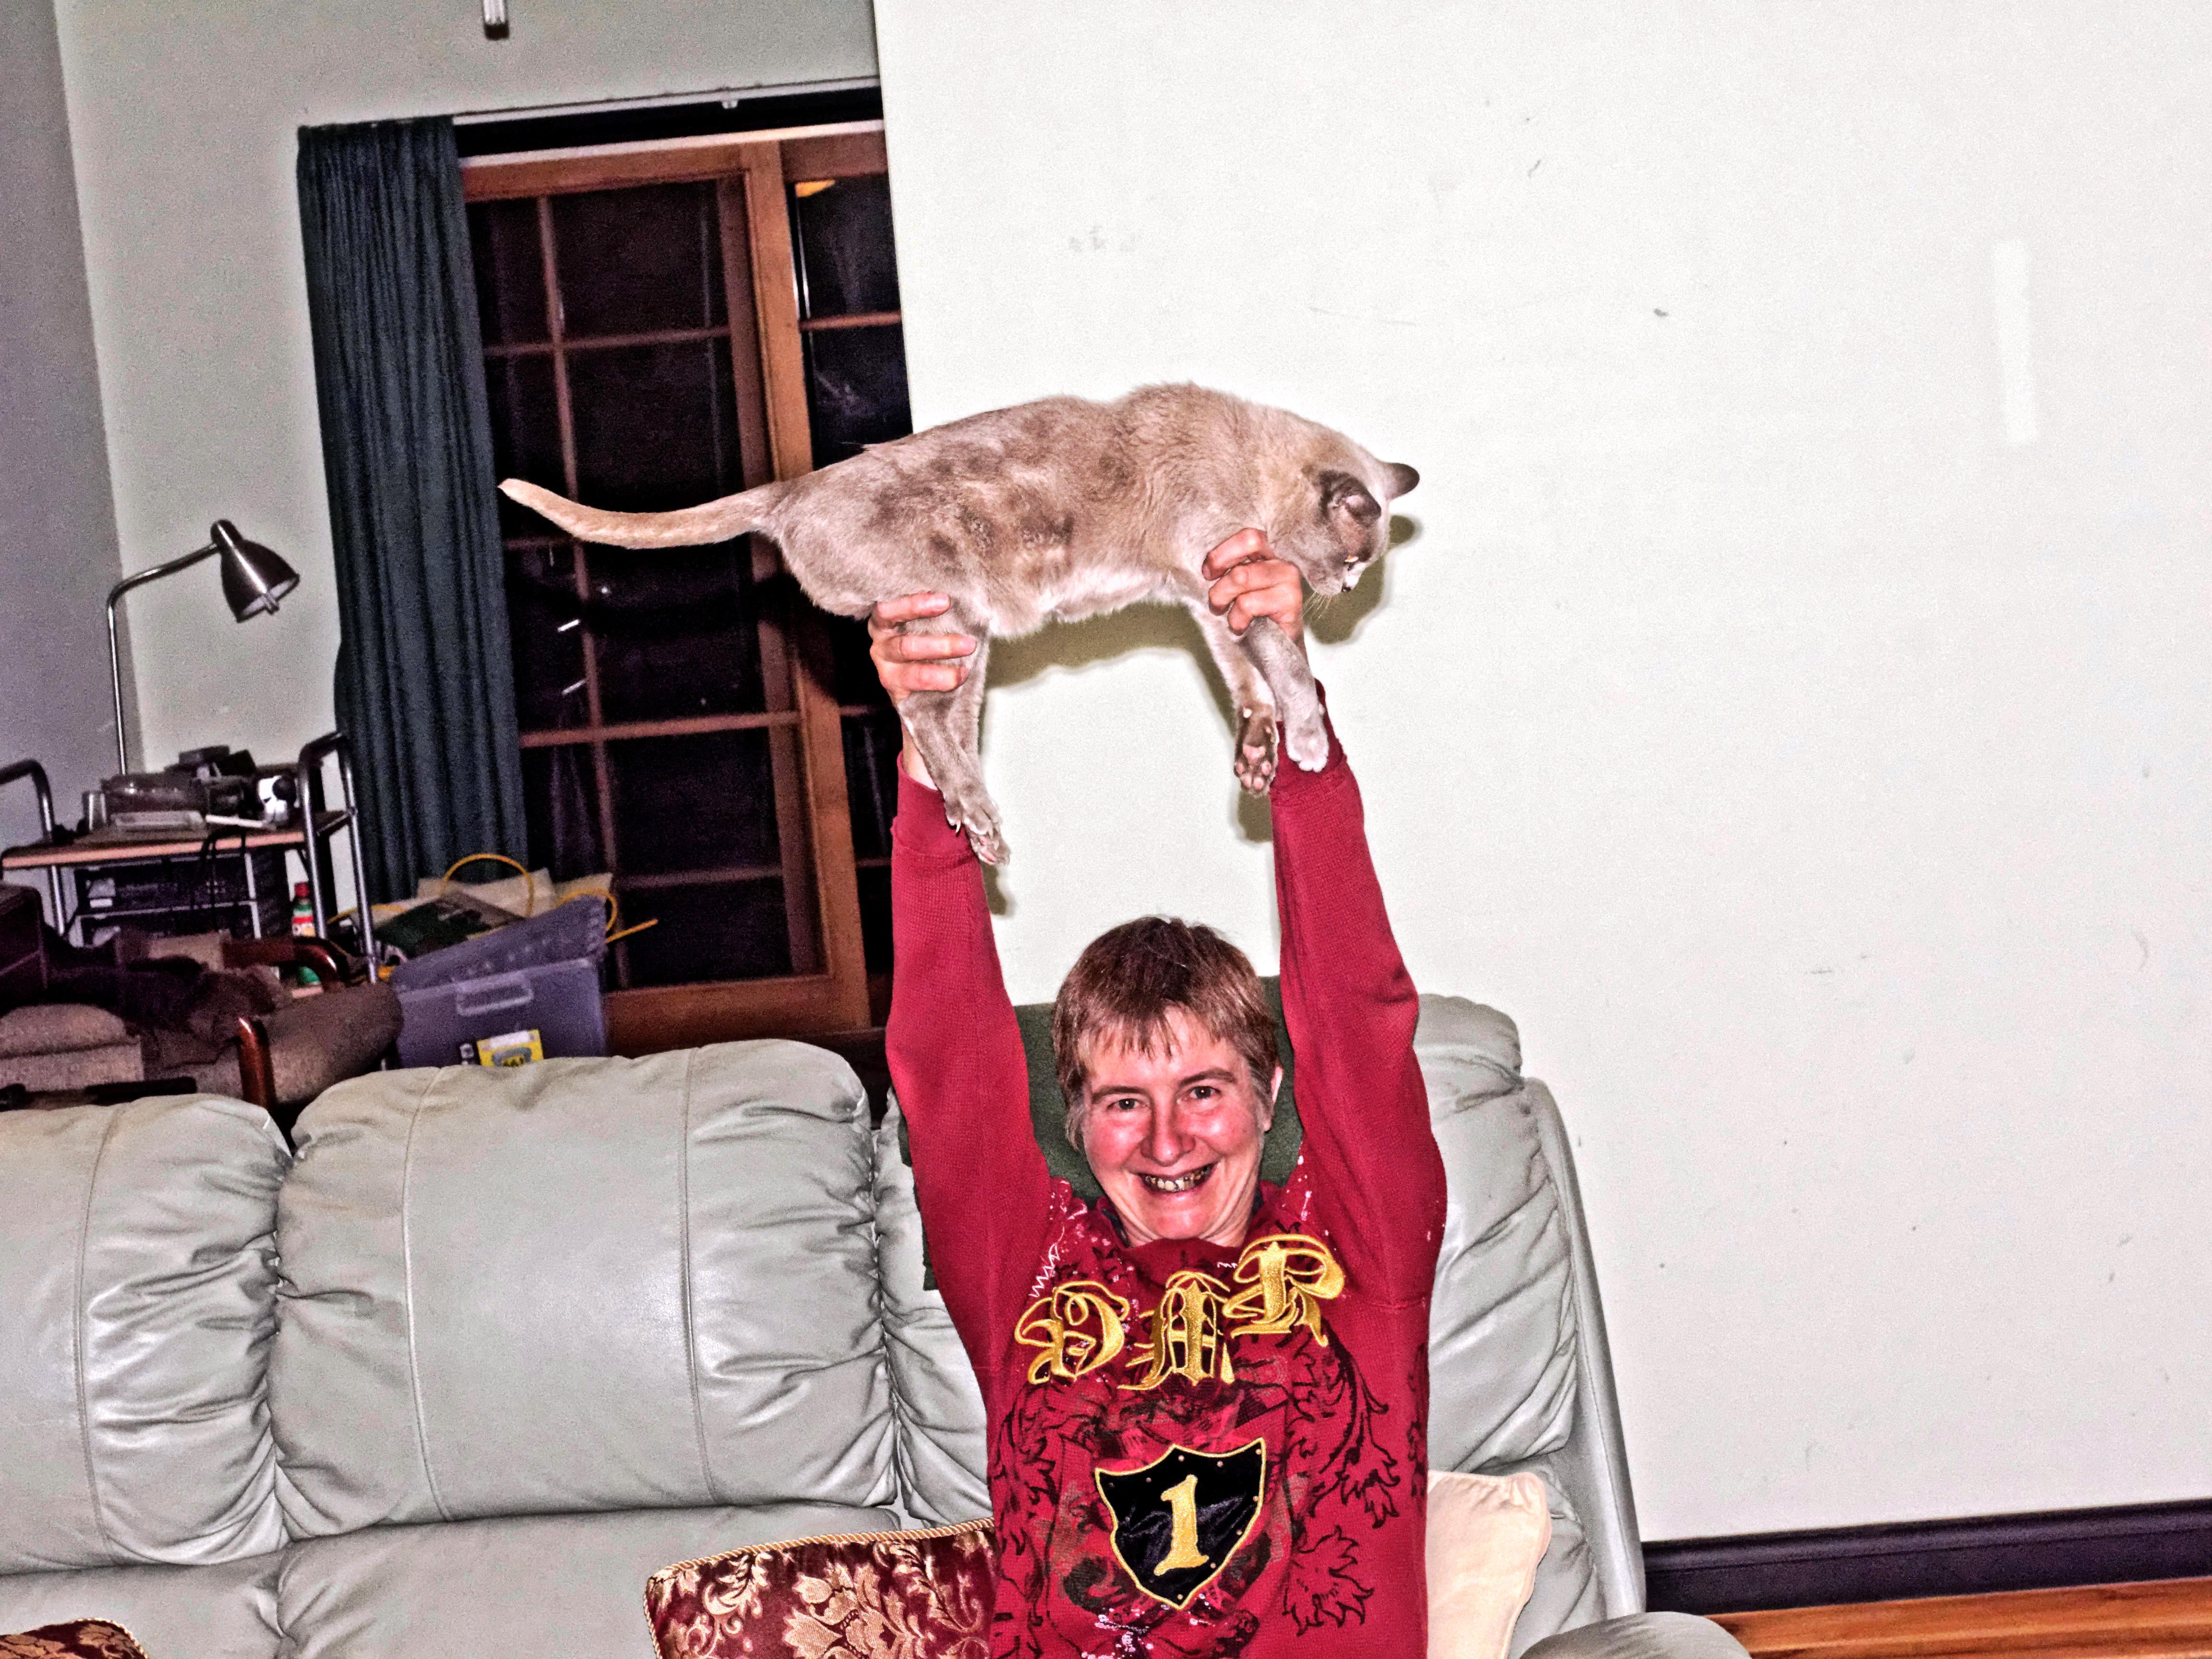 Chris-and-dogs-28.jpeg